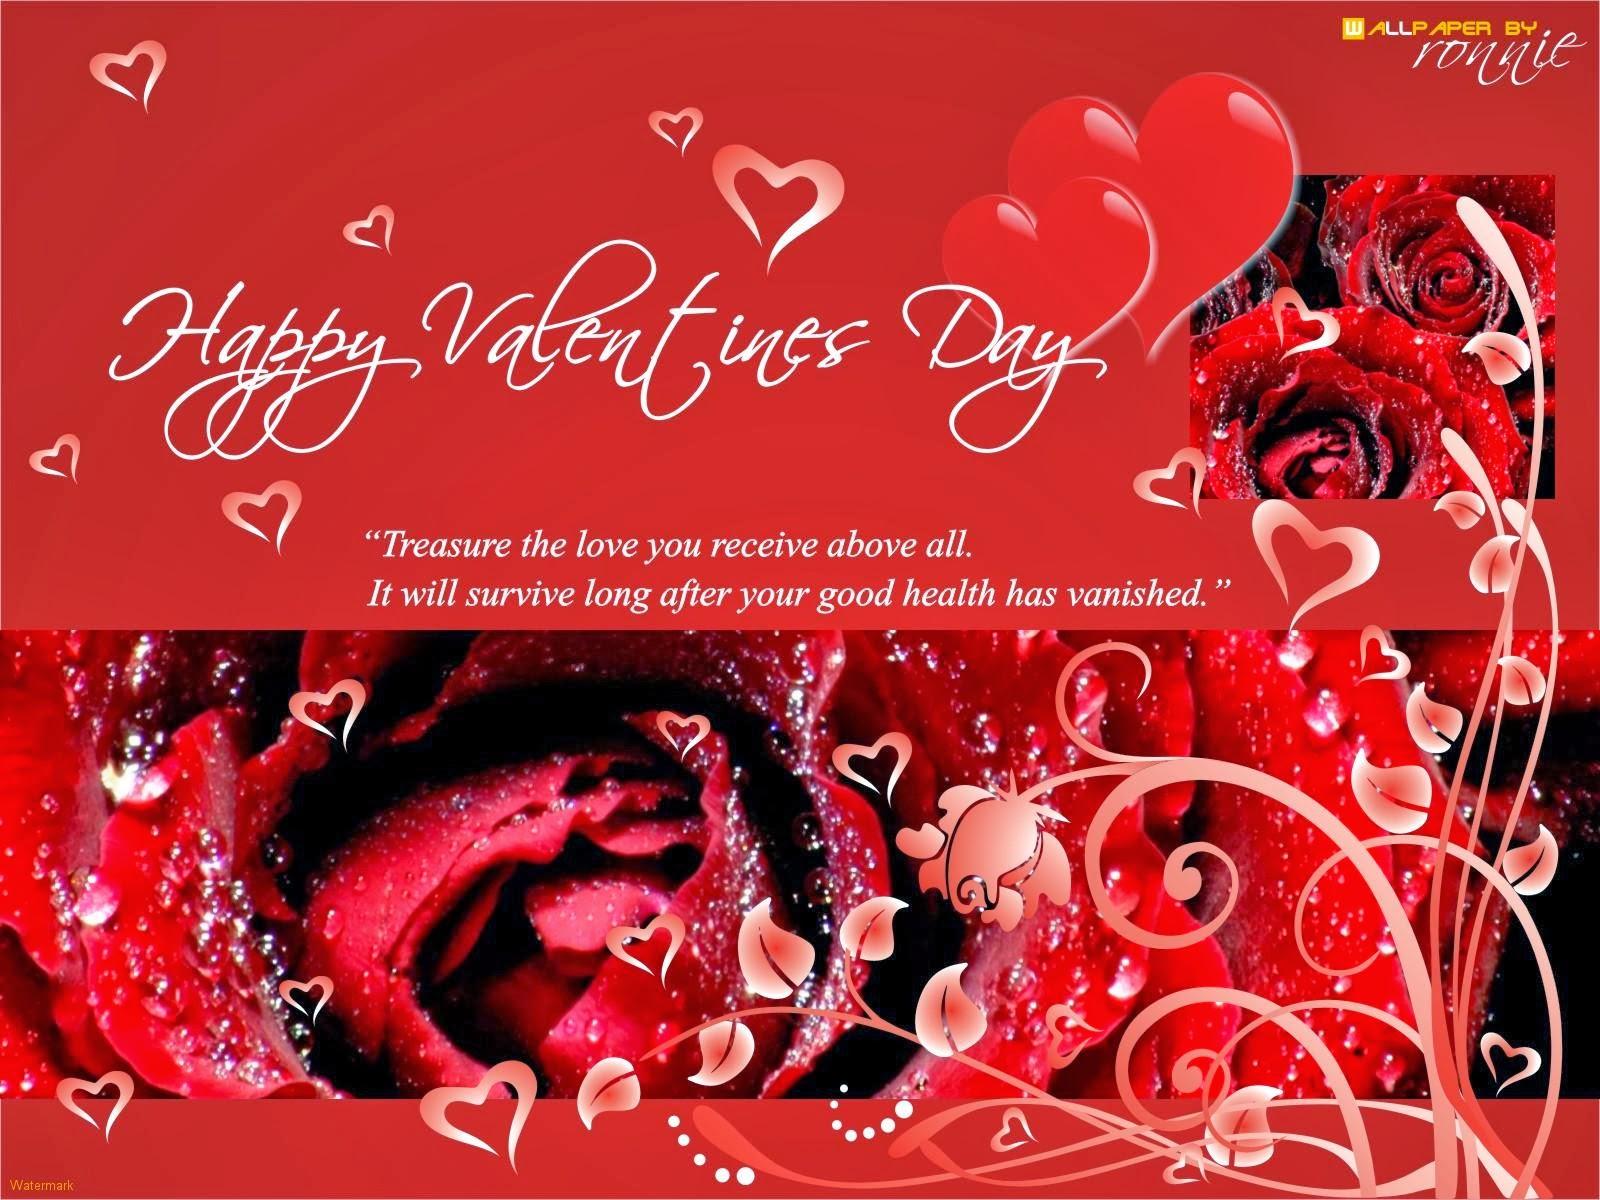 Happy Valentines Day 2014 Quotes